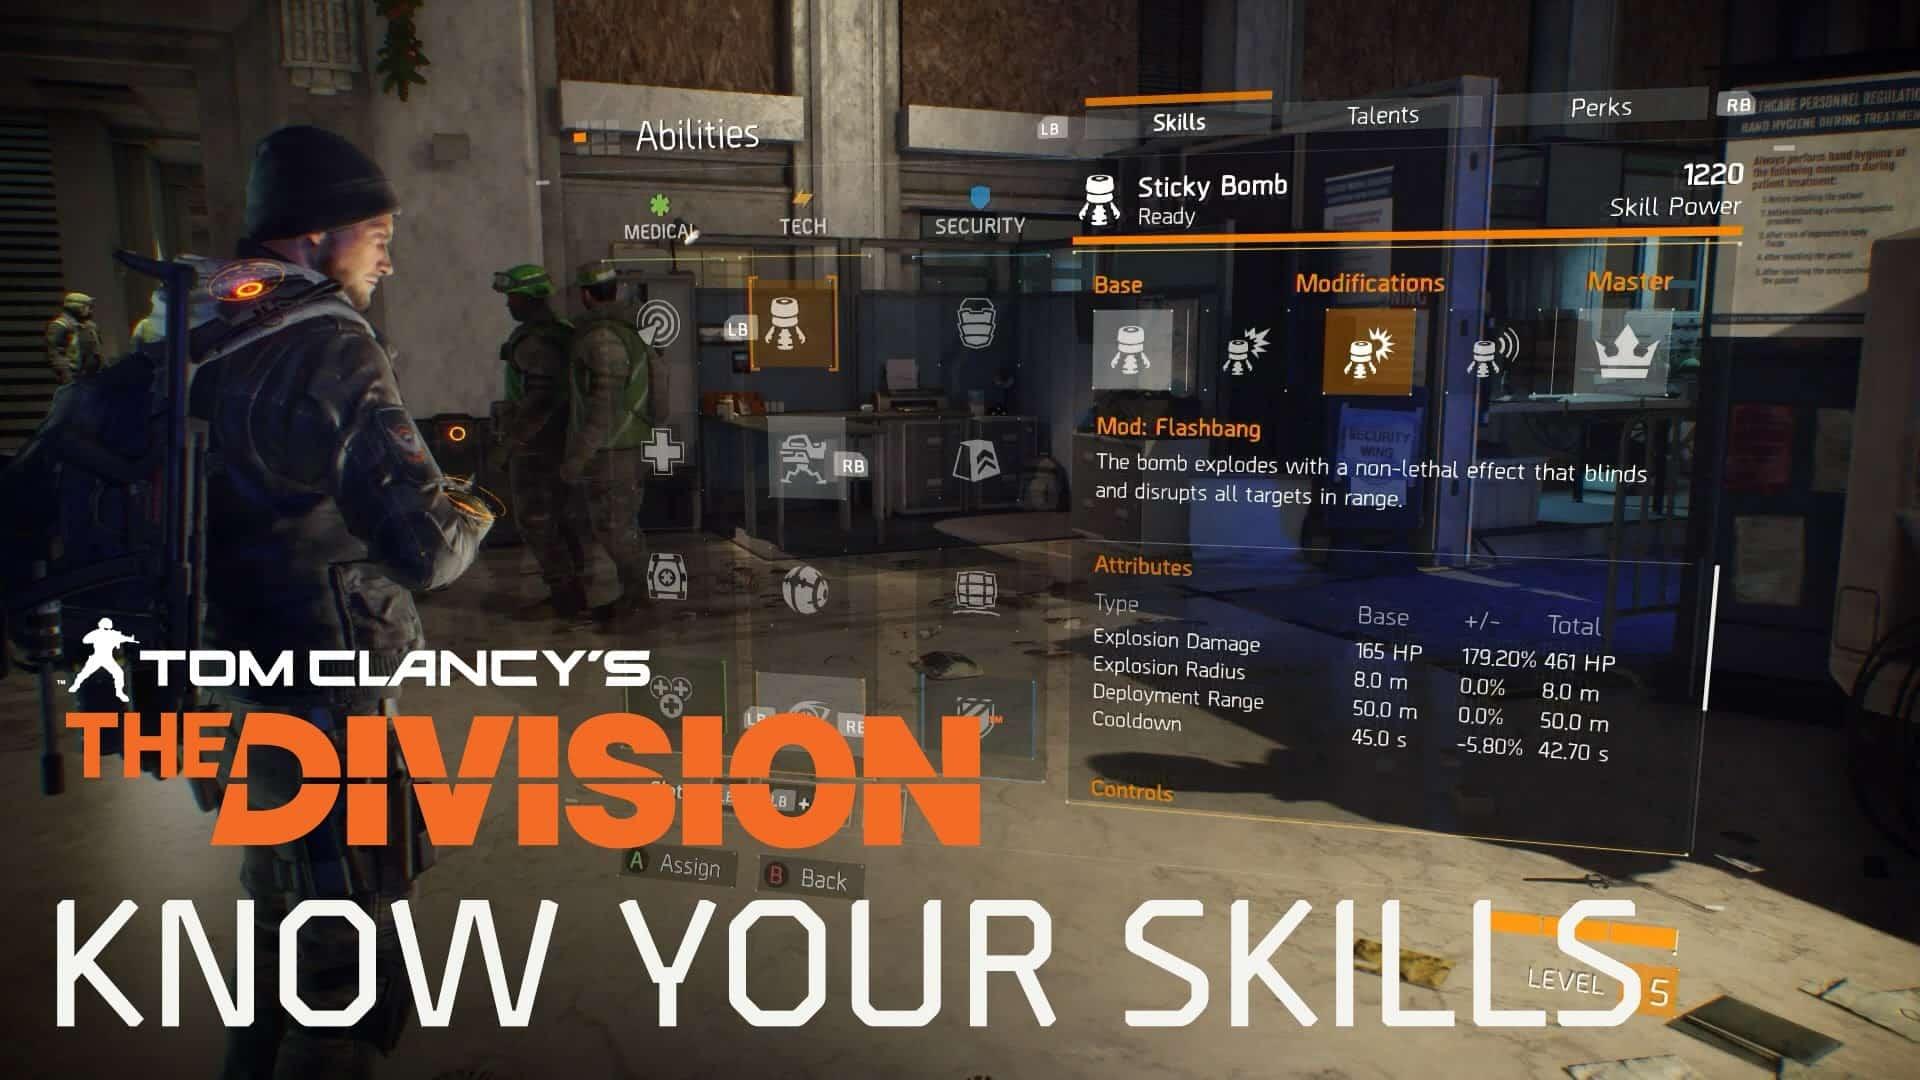 Tom Clancy's The Division, arriva un trailer delle skill